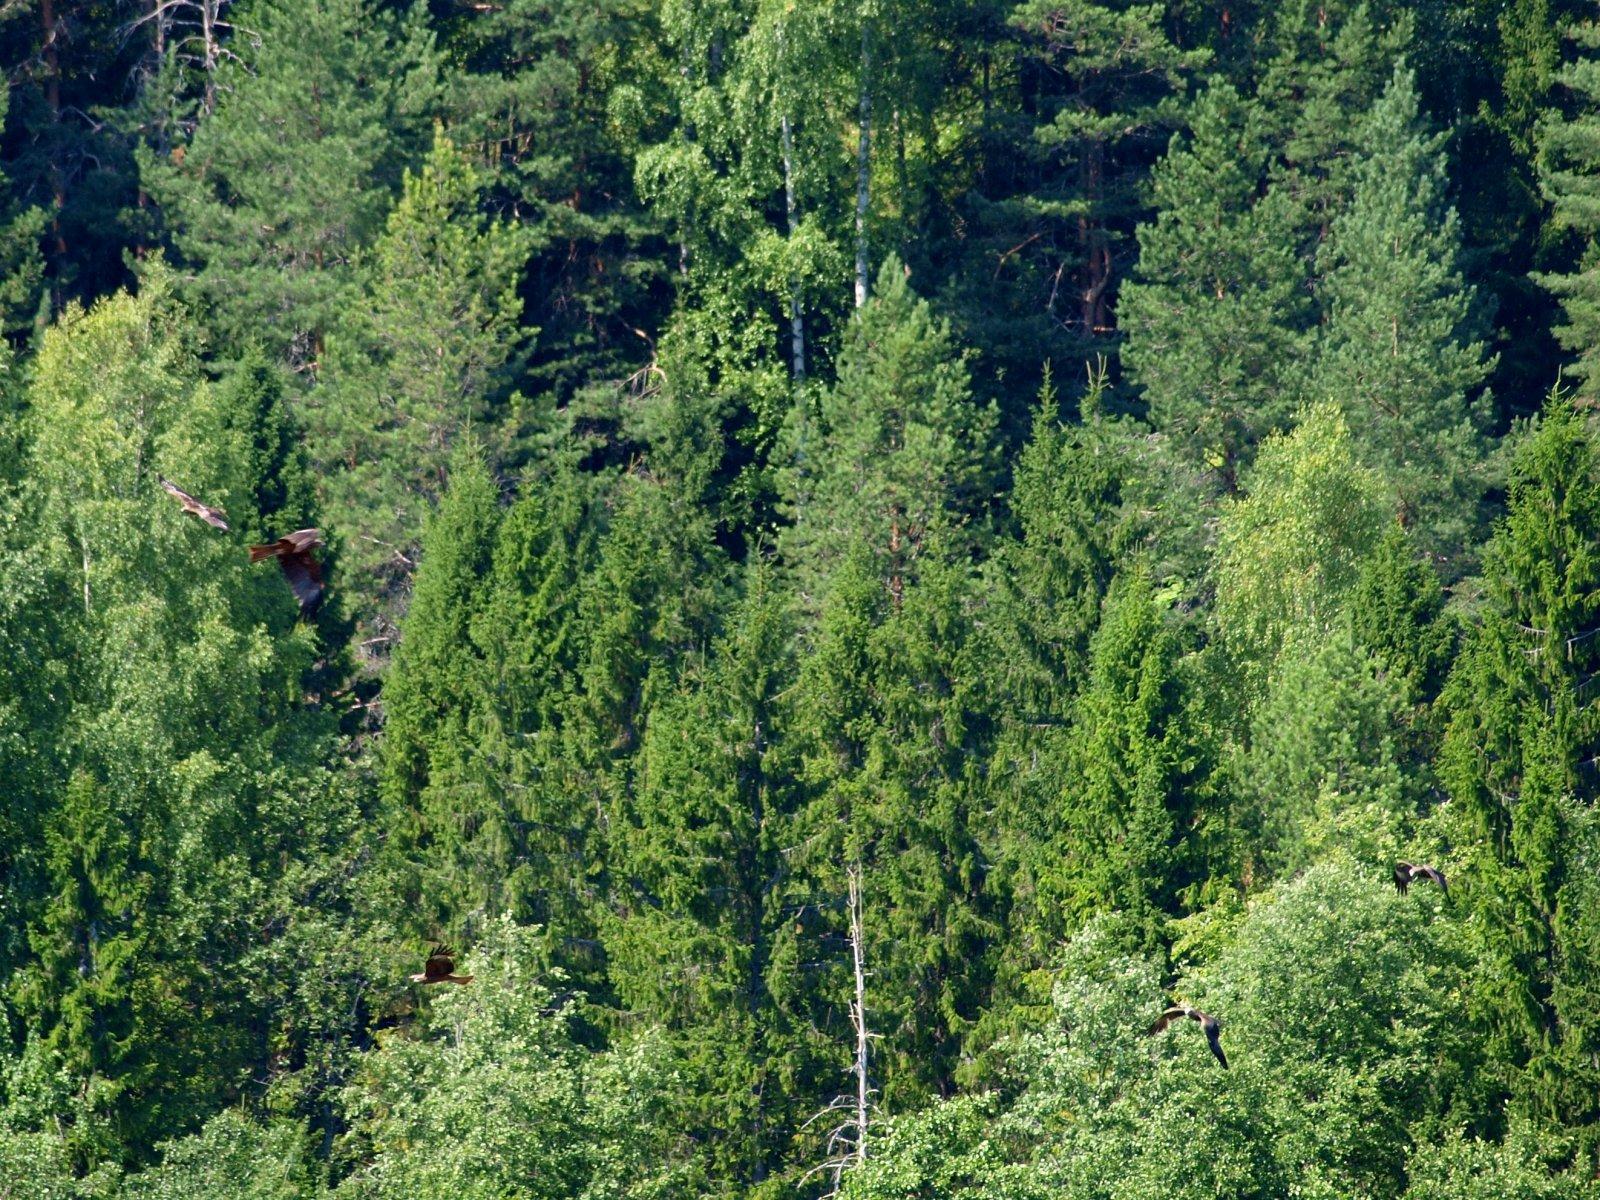 экосистема леса фото съемке собаками